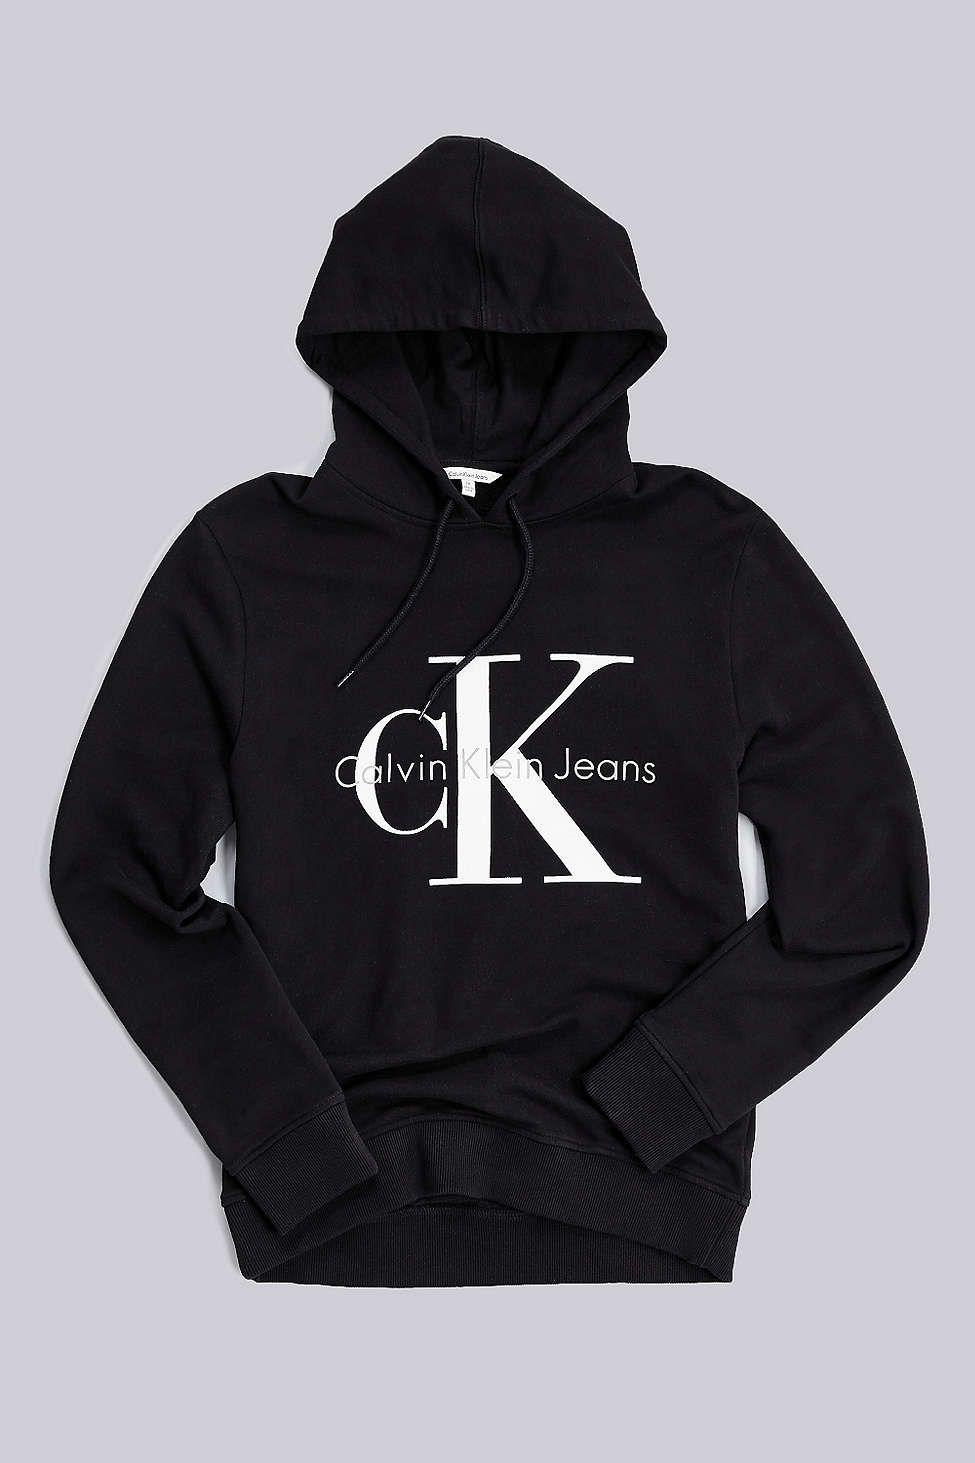 Calvin Klein Jeans Reissue Hoodie Sweatshirt Calvin Klein Sweatshirts Calvin Klein Outfits Calvin Klein Hoodie